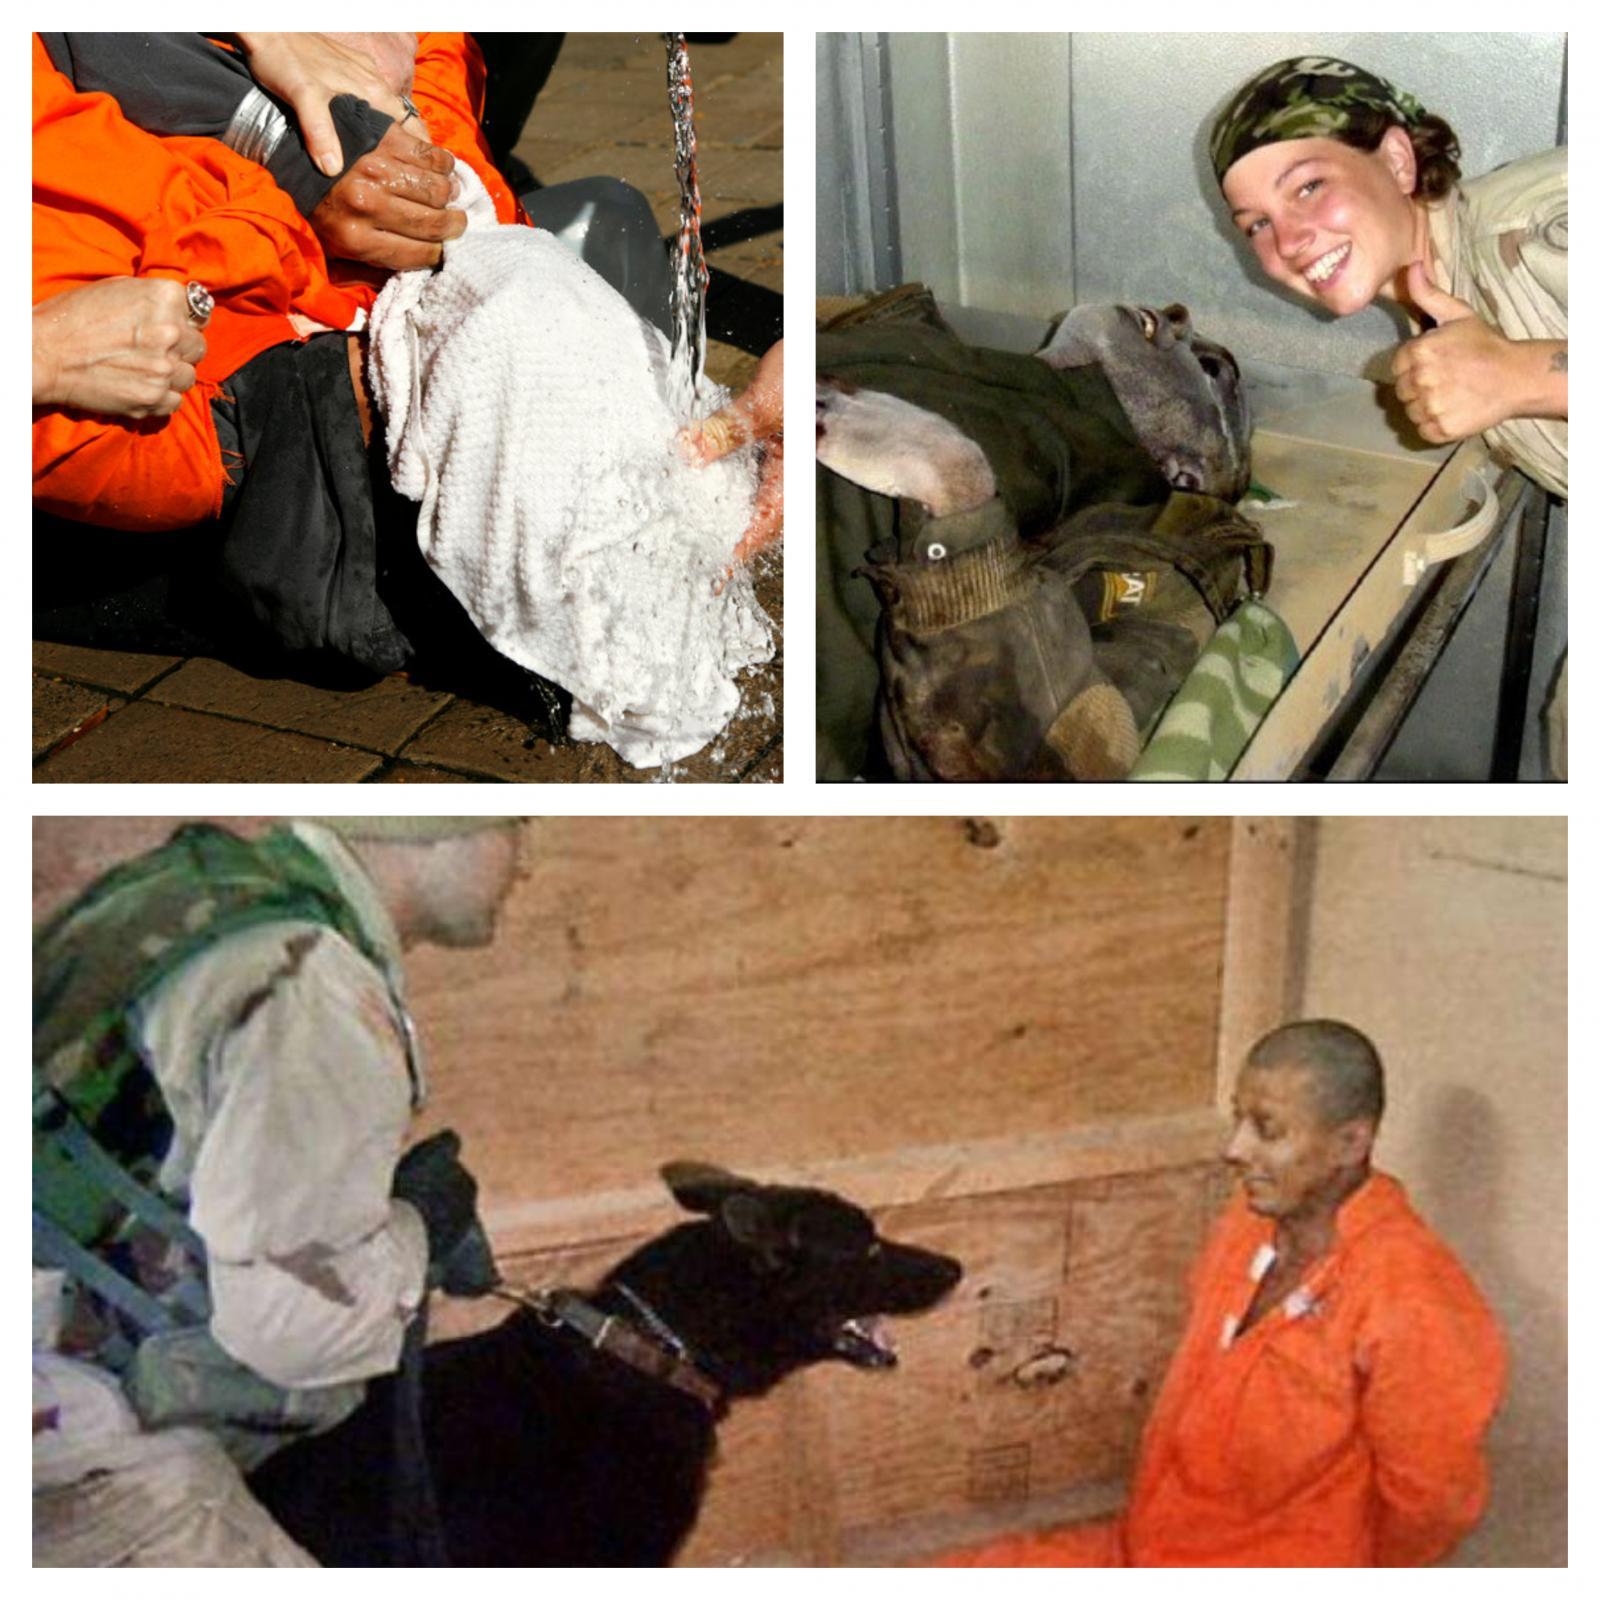 Mučenje CIE - prizori iz Abu Graiba